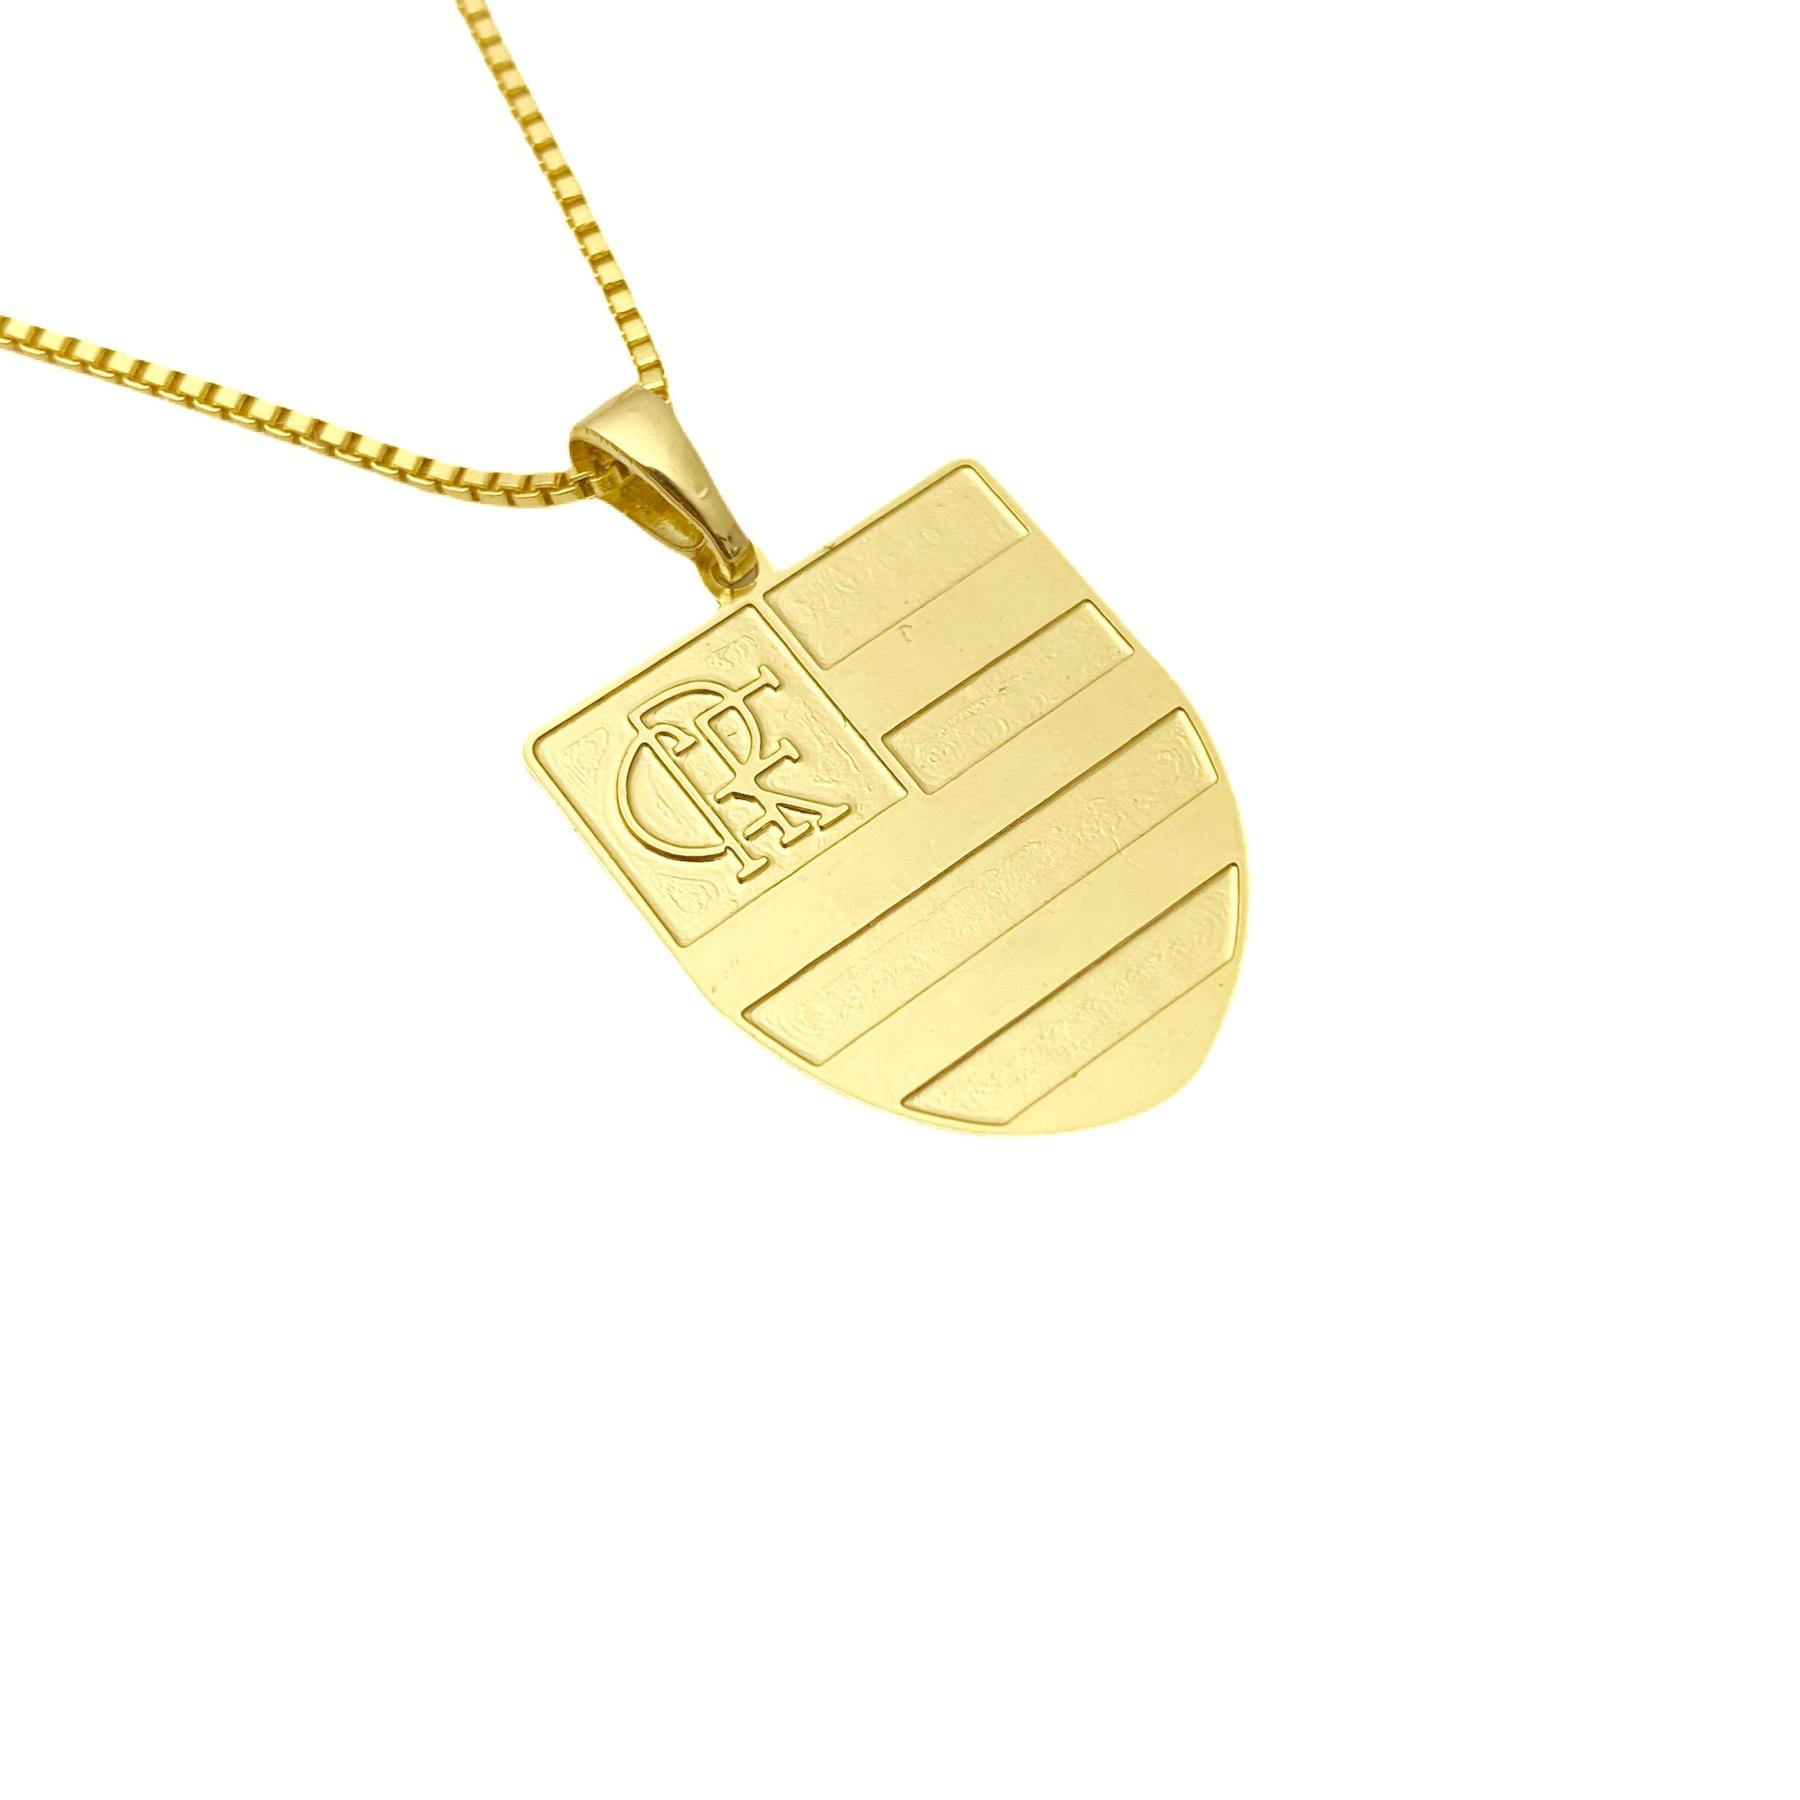 Pingente Time (2) (2,5cmX1,9cm) (Banho Ouro 24k)